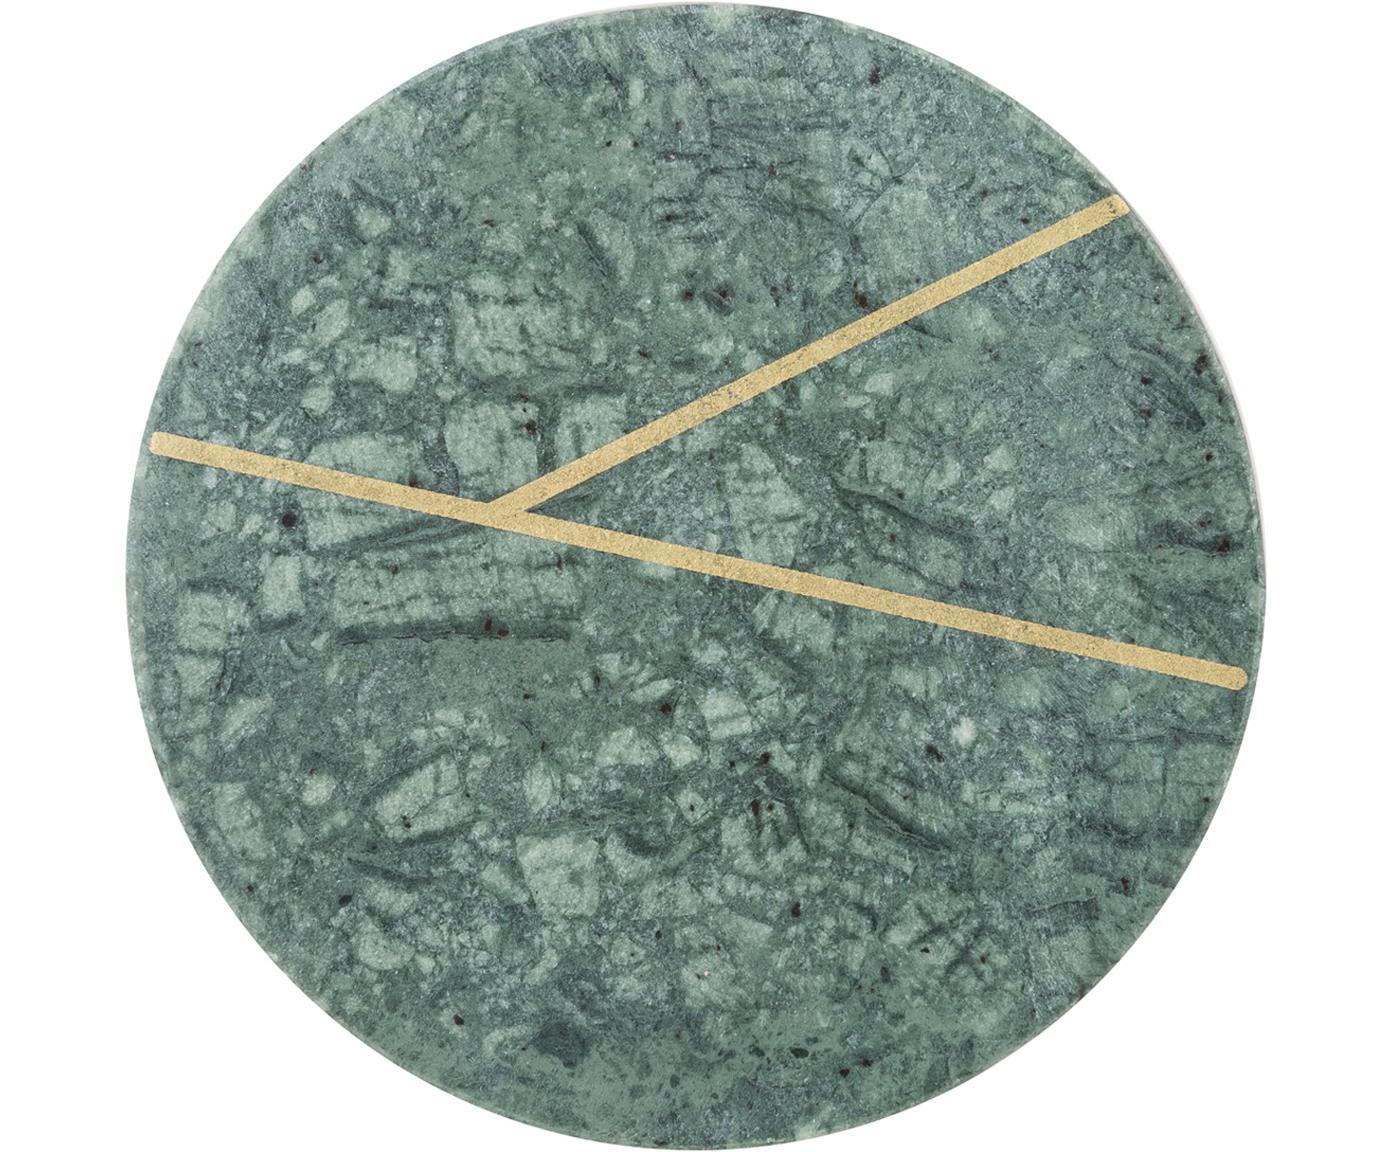 Podstawka z marmuru Tyr, 4 szt., Marmur, Zielony marmurowy, odcienie złotego, Ø 10 x W 1 cm